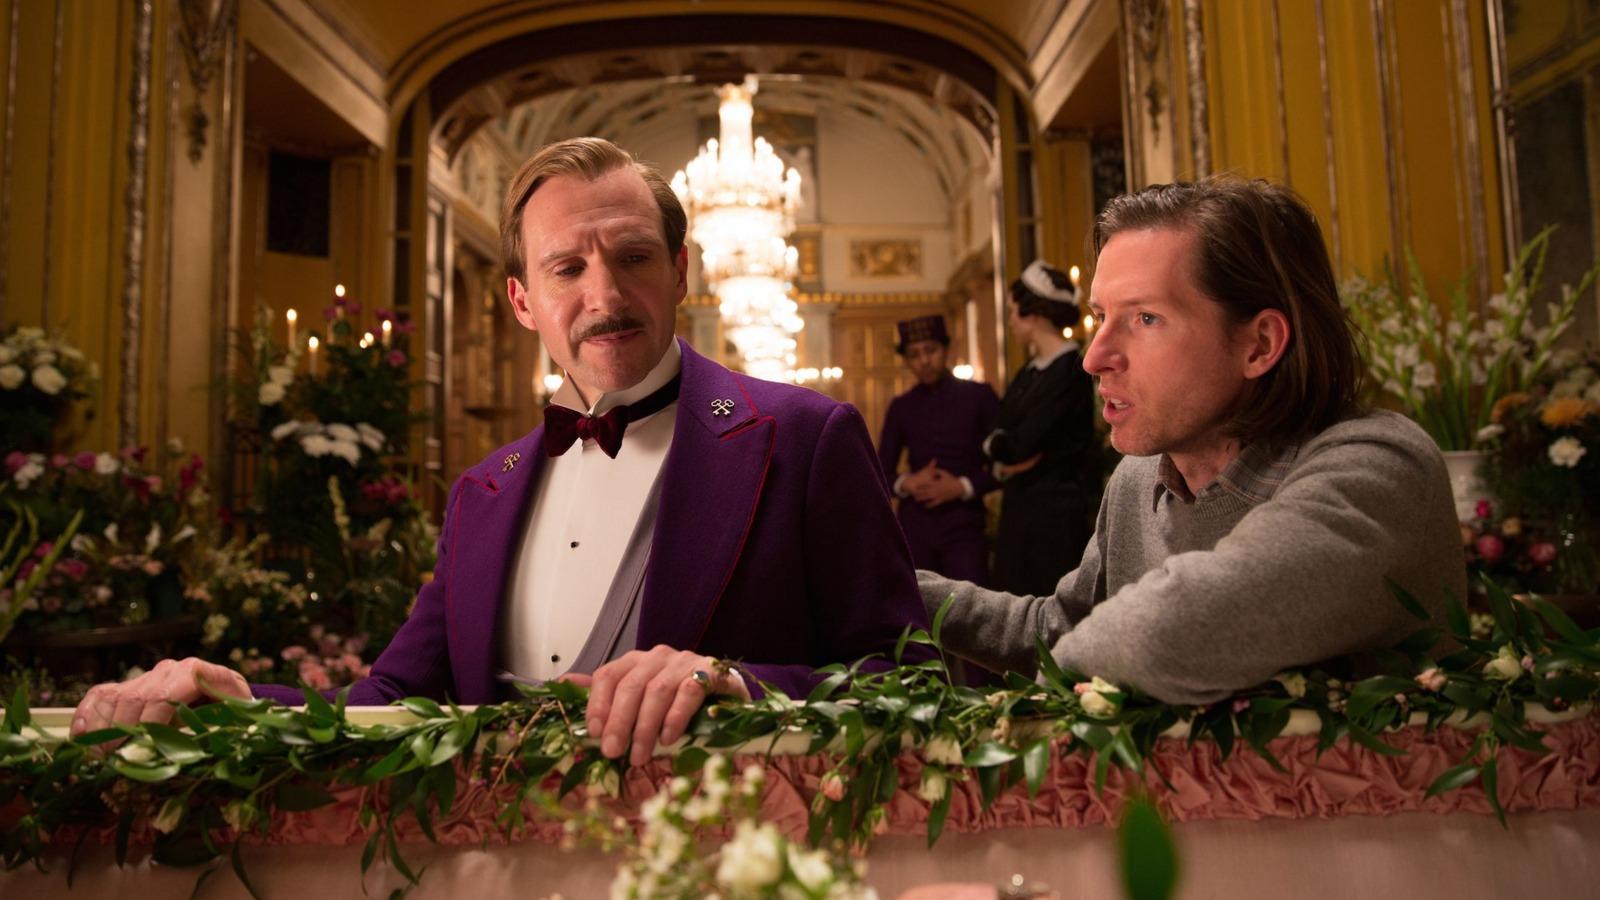 Az igen jellegzetes stílusú Wes Andersonnak egészen 2014-ig, A Grand Budapest Hotelig kellett várnia a legjobb rendezésért járó jelölésre, de díjat sajnos ő sem kapott. Pedig a Tenenbaum, a háziátok, a Holdfény királyság, vagy épp az Édes vízi élet is megérdemeltek volna egy-egy szobrocskát... (Fox Searchlight Pictures)